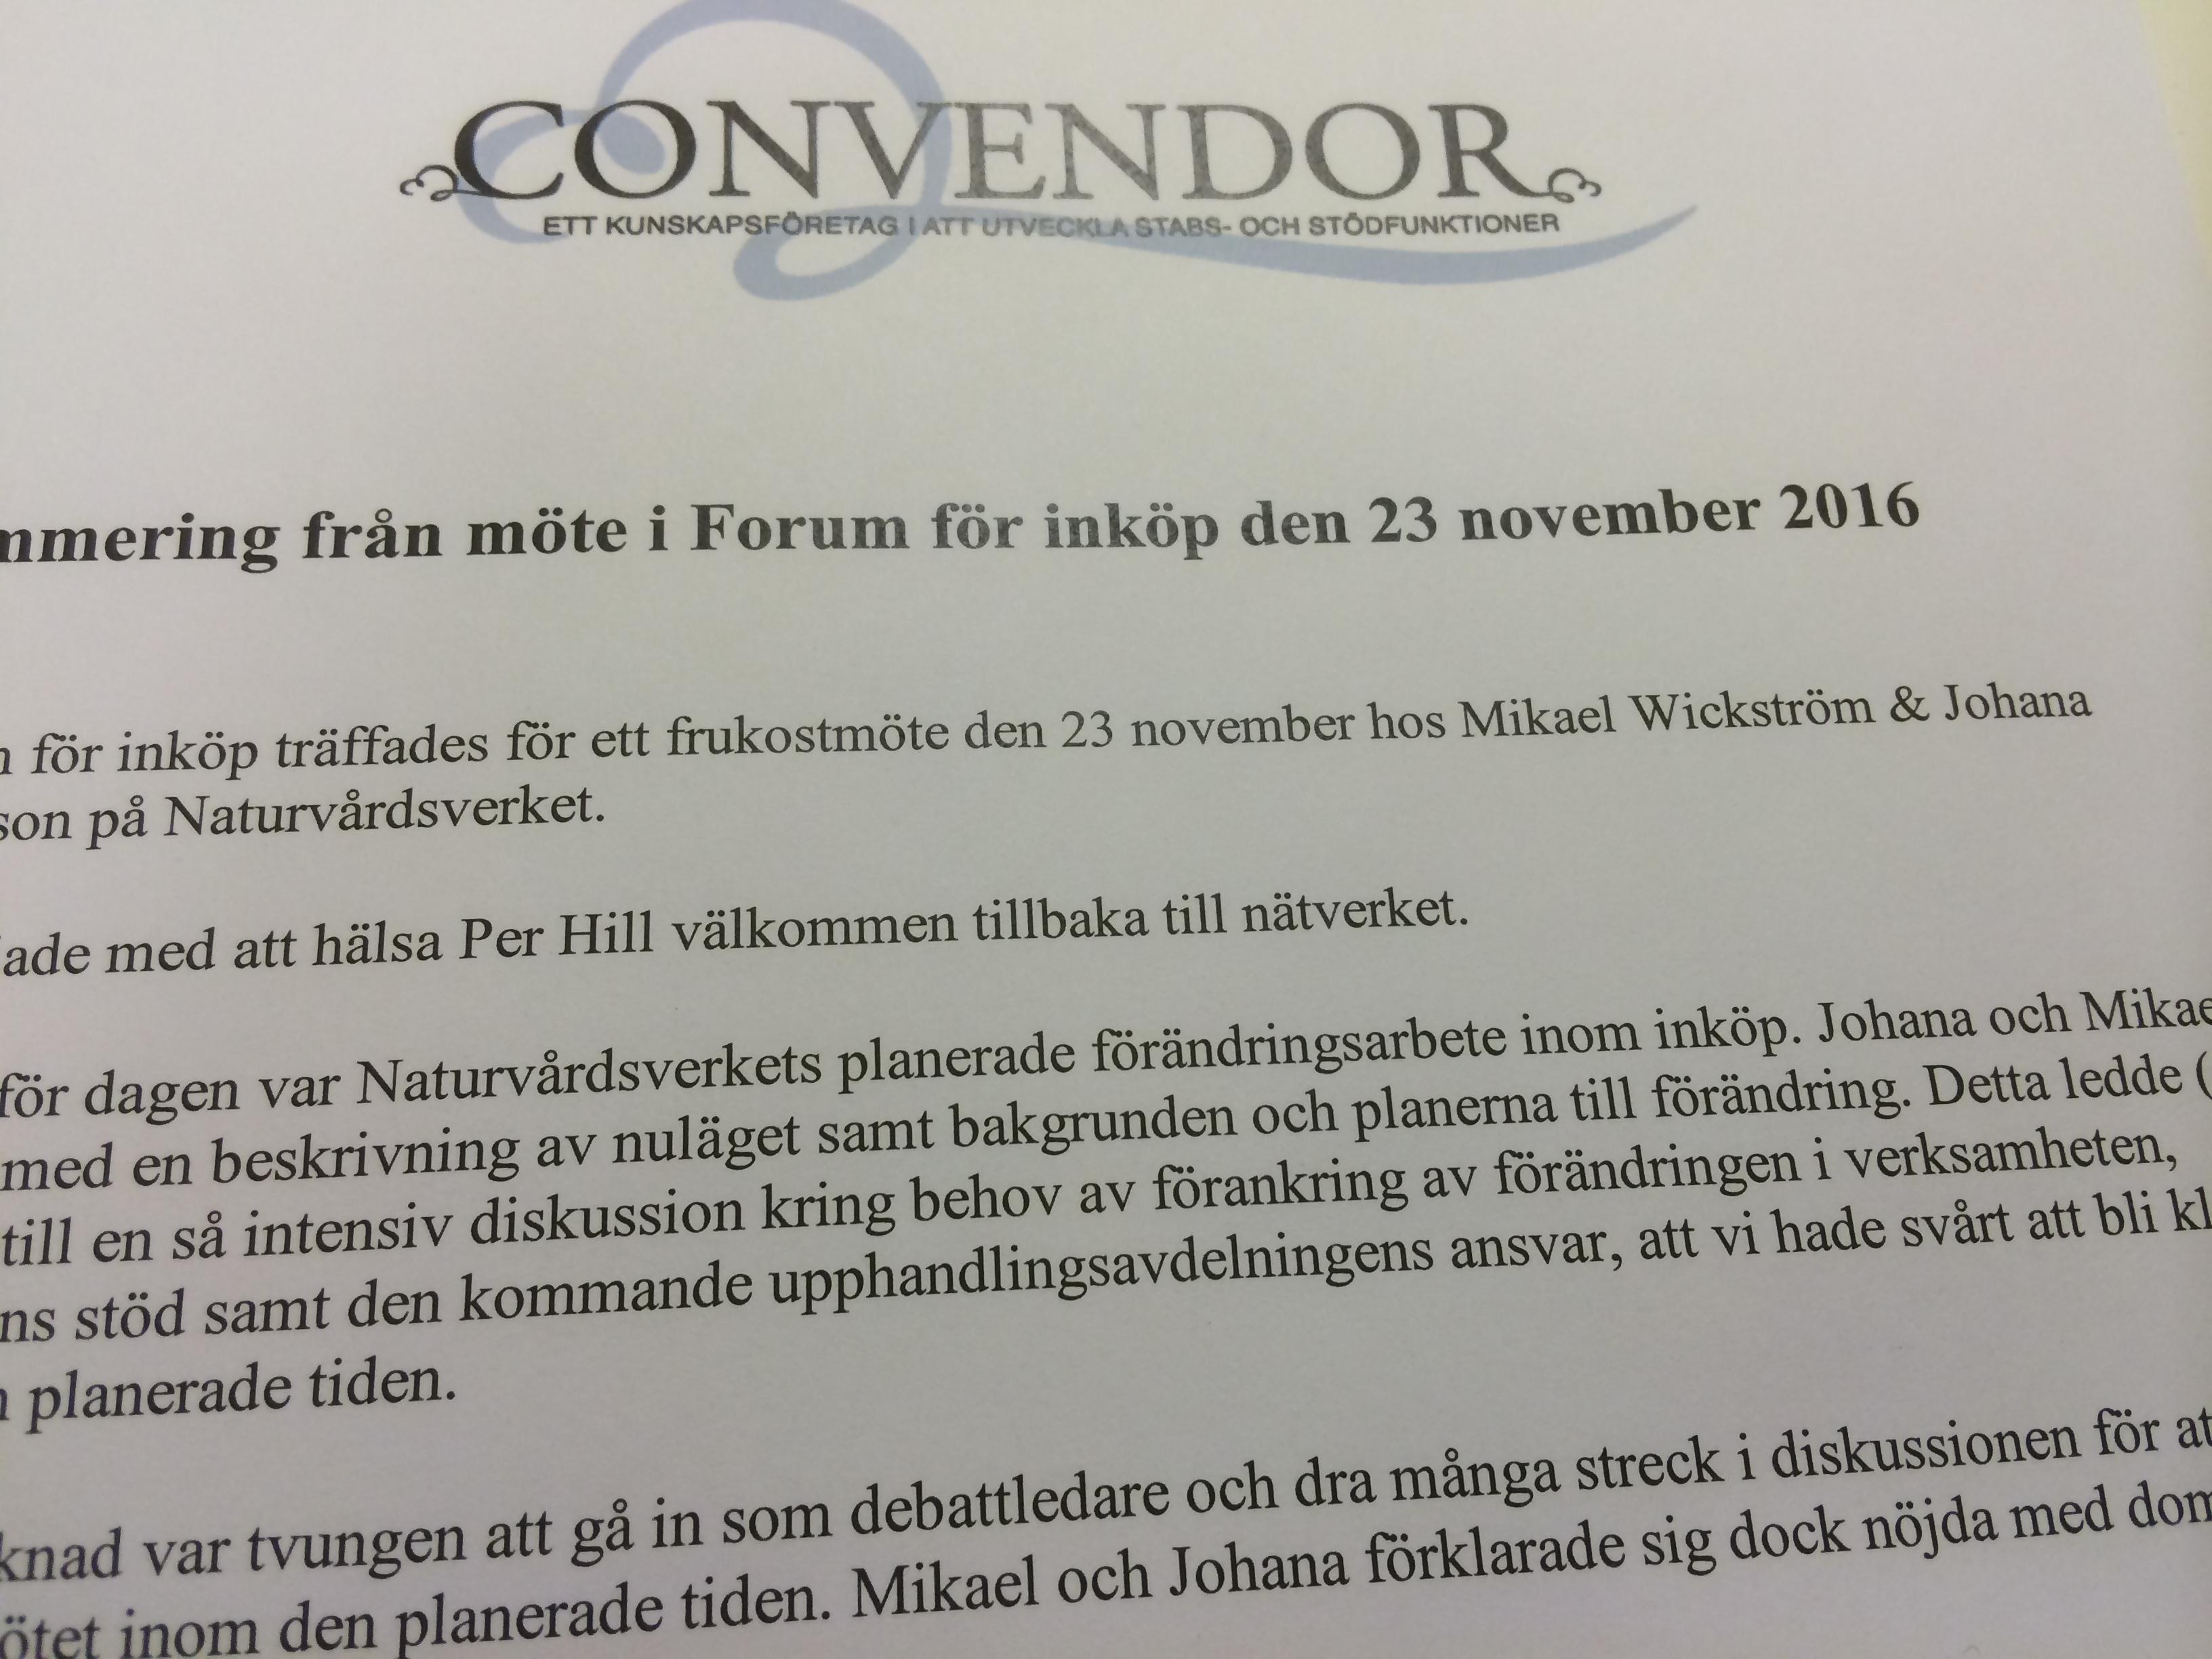 Möte i Forum för inköp den 23 november